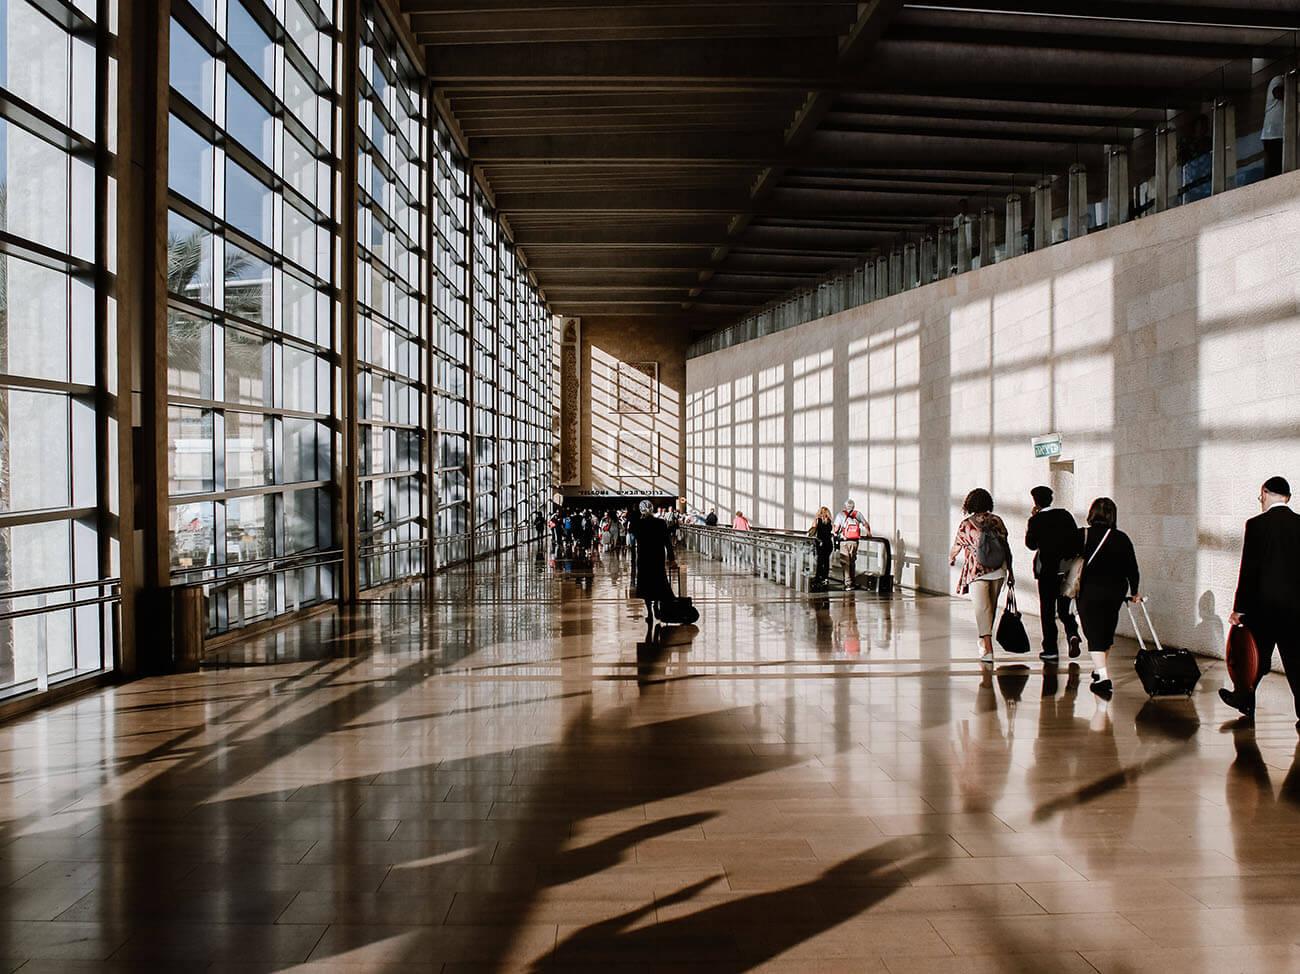 Personen laufen in Flughafenhalle in verschiedene Richtungen